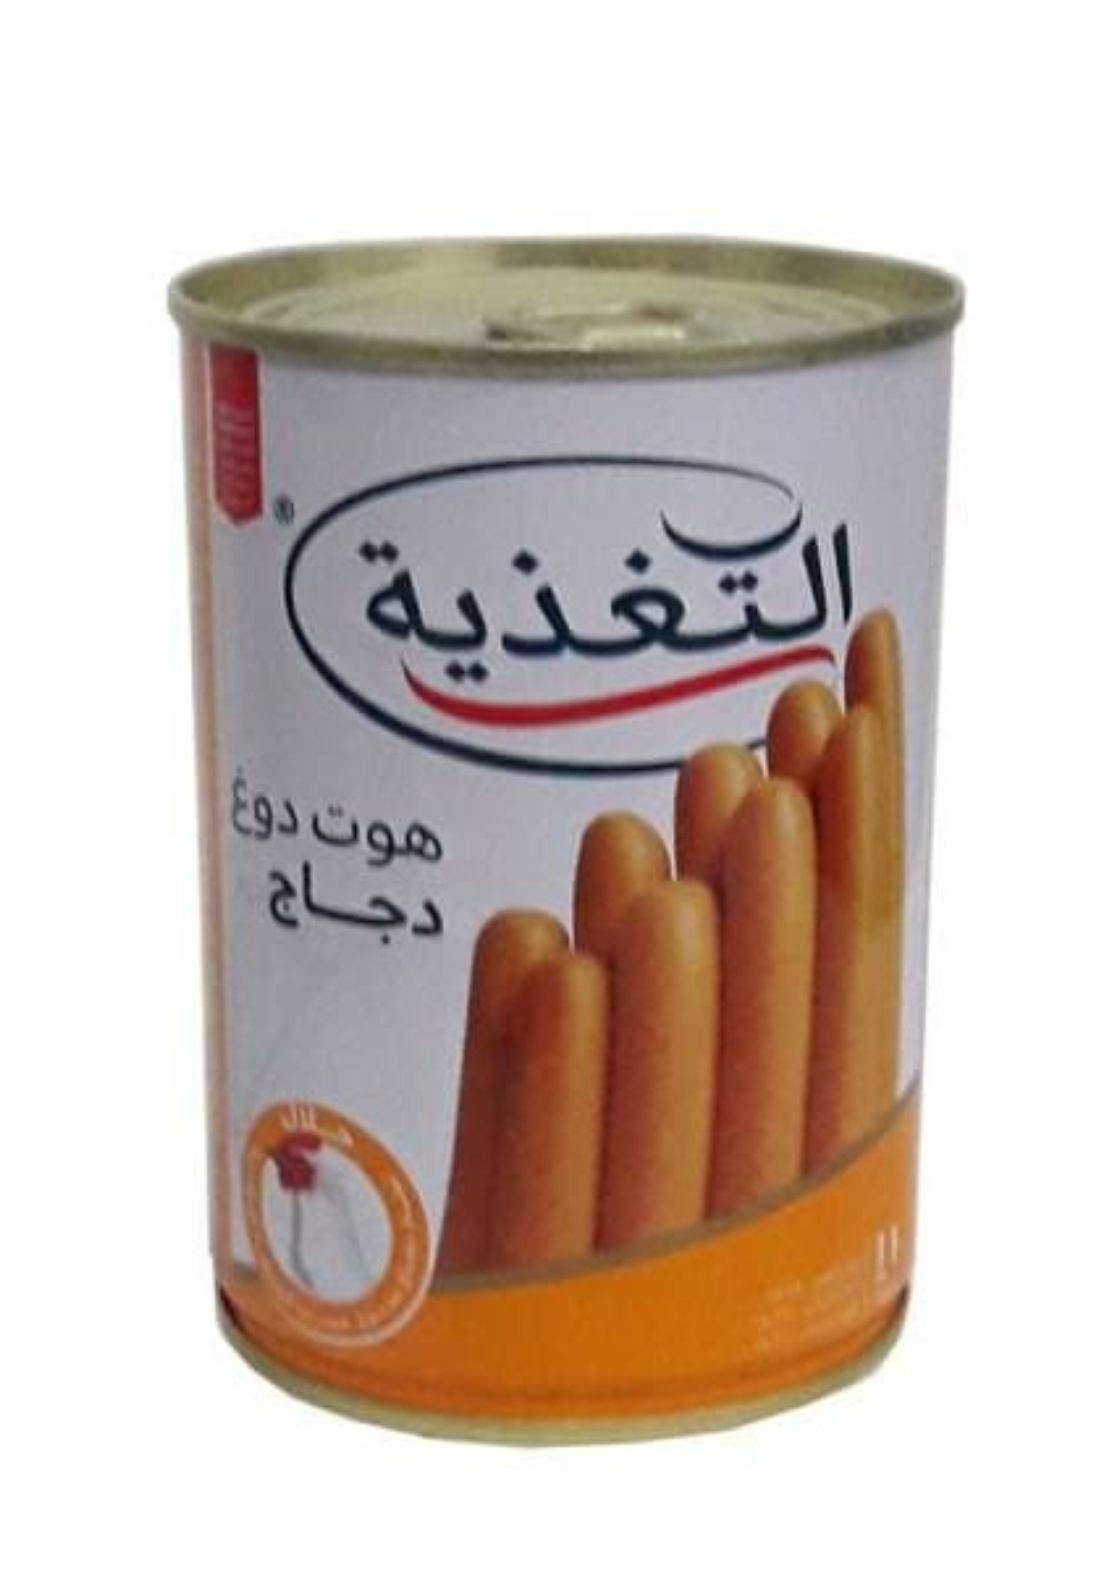 Altaghziah chicken hotdog 11pieces التغذية هوت دوغ دجاج